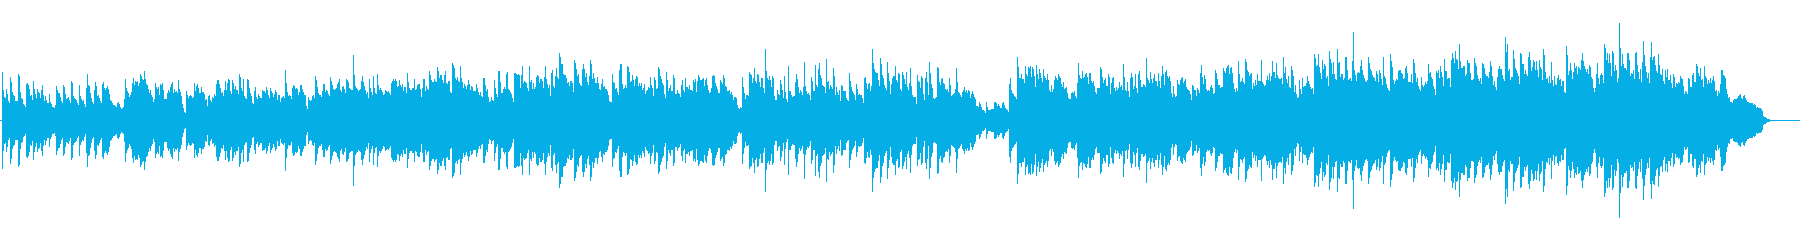 バイオリンとピアノのゆったりした音楽の再生済みの波形